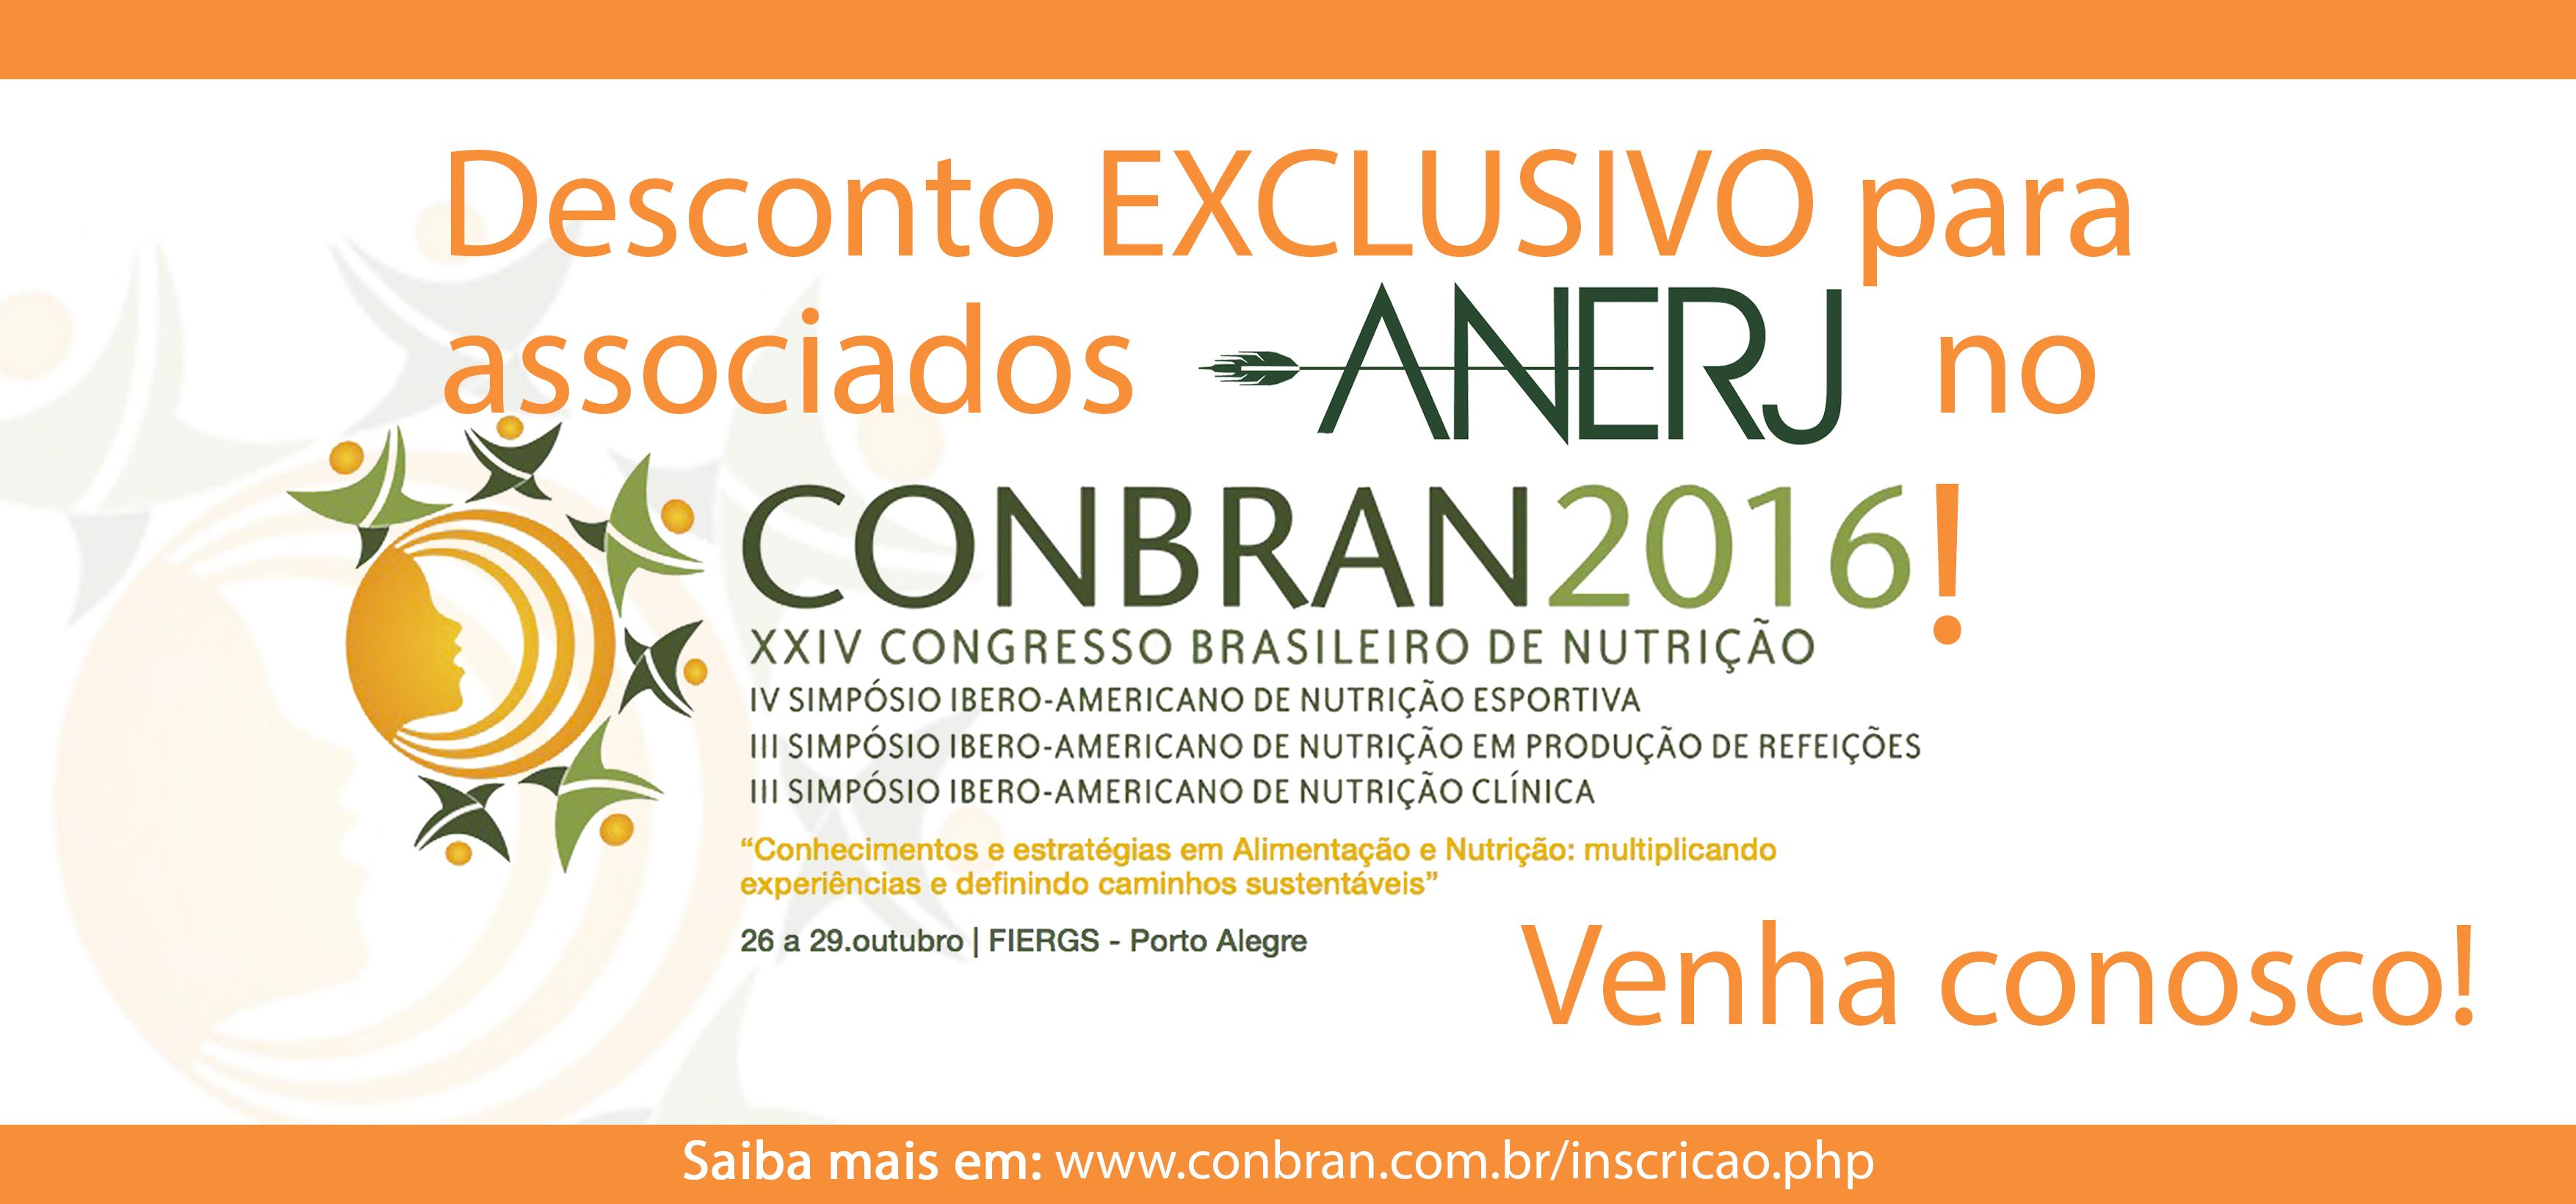 CONBRAN 2016 2